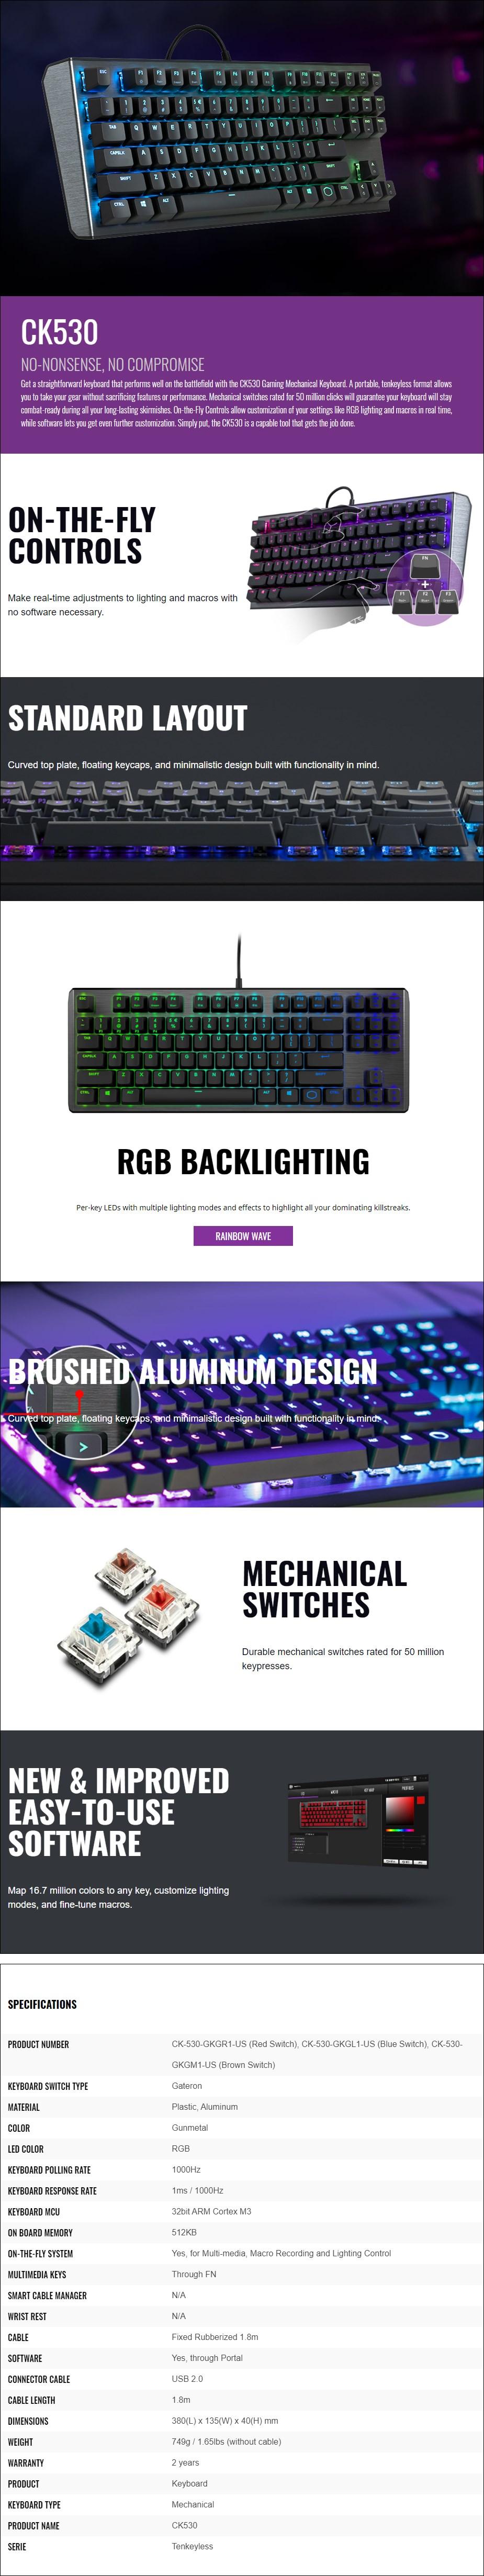 cooler-master-ck530-rgb-tkl-mechanical-gaming-keyboard-gateron-blue-ac27698-5-1-.jpg